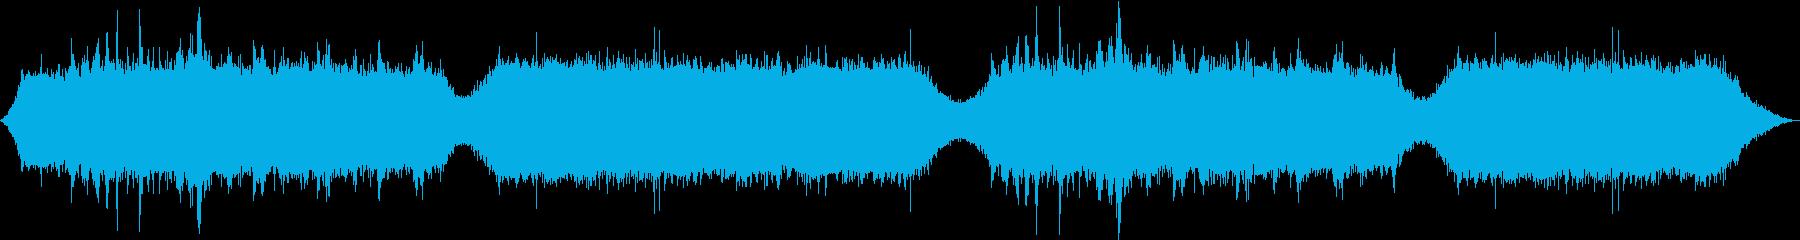 水の音、虫の音が日常のストレスを解消の再生済みの波形